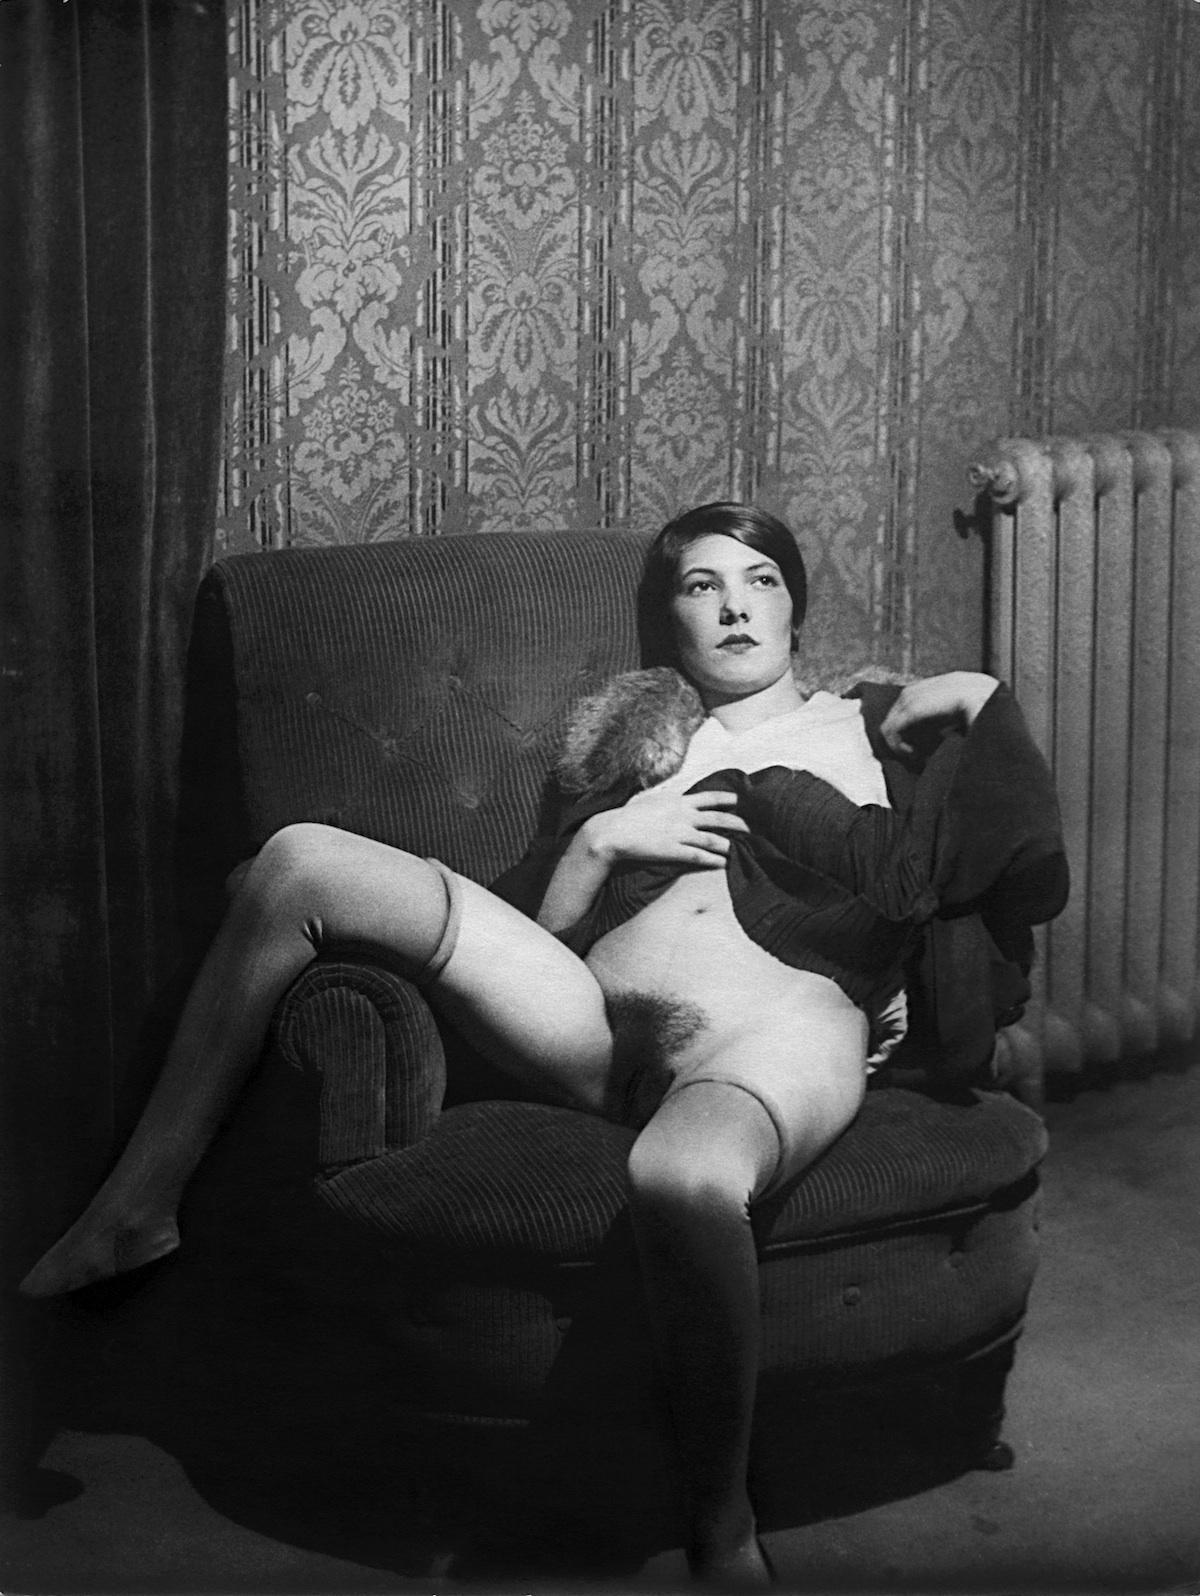 prostitutas francesas porno prostitutas latinas